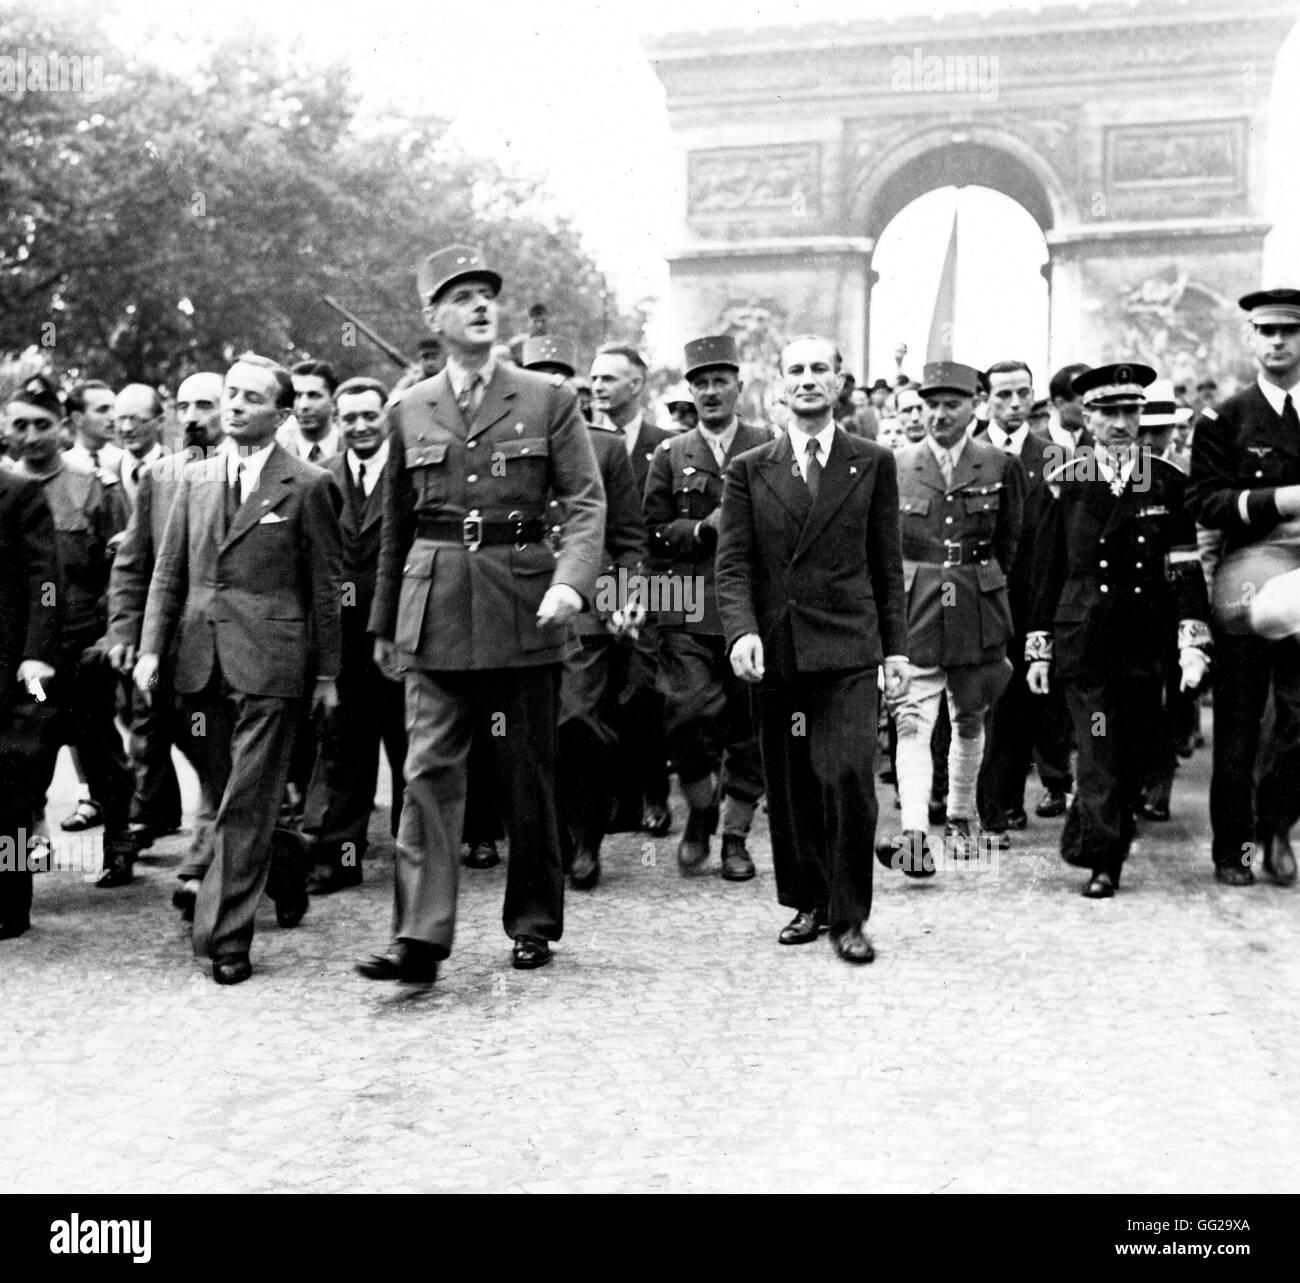 La Liberación De París La Victoria De Marzo De 1944 Francia Segunda Guerra Mundial La Guerra De Los Archivos Nacionales En Washington Fotografía De Stock Alamy